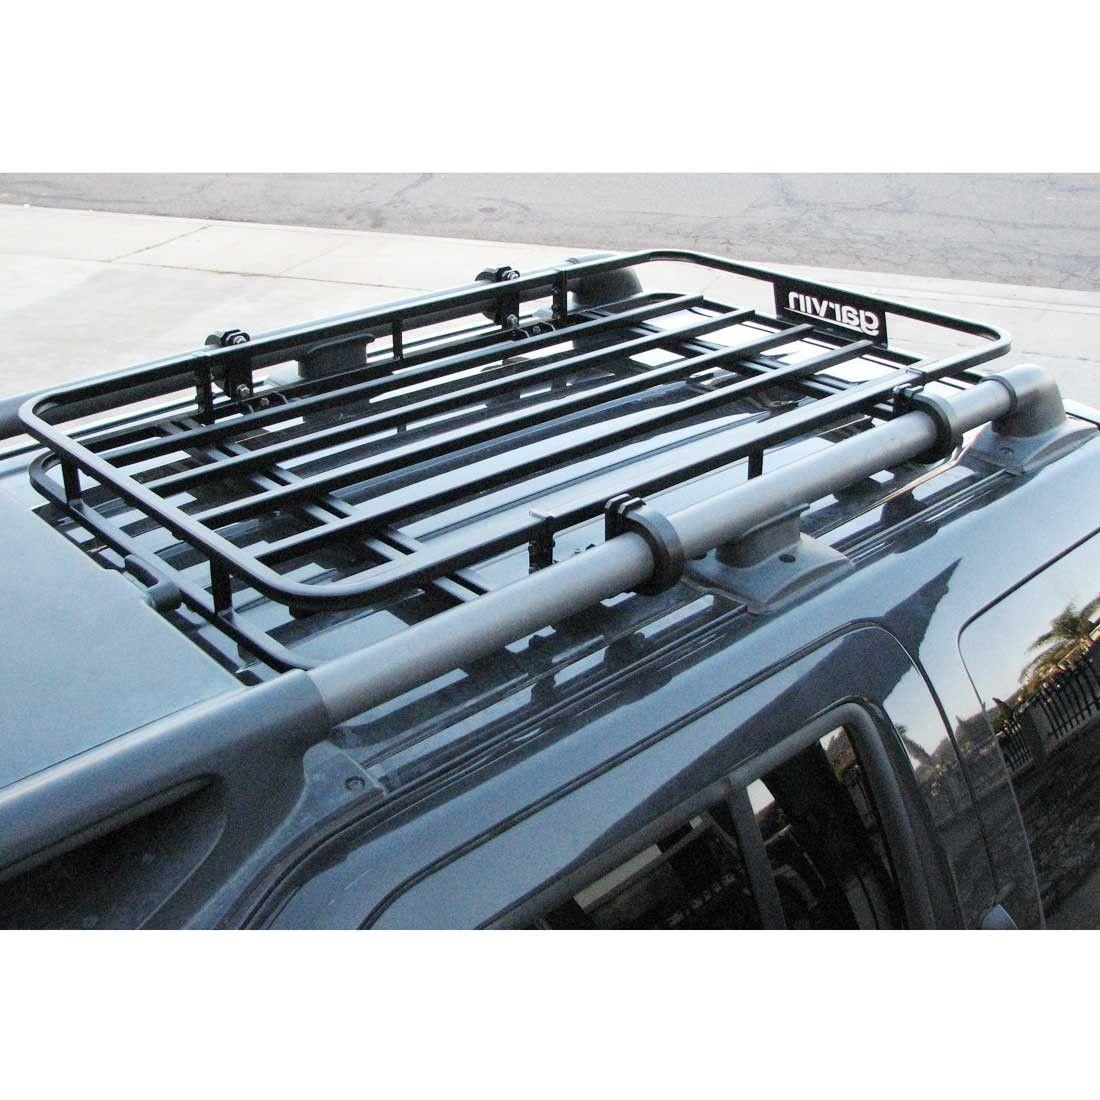 Adventure Rack, 2005-2012 Nissan Xterra - Nissan Xterra Products ...